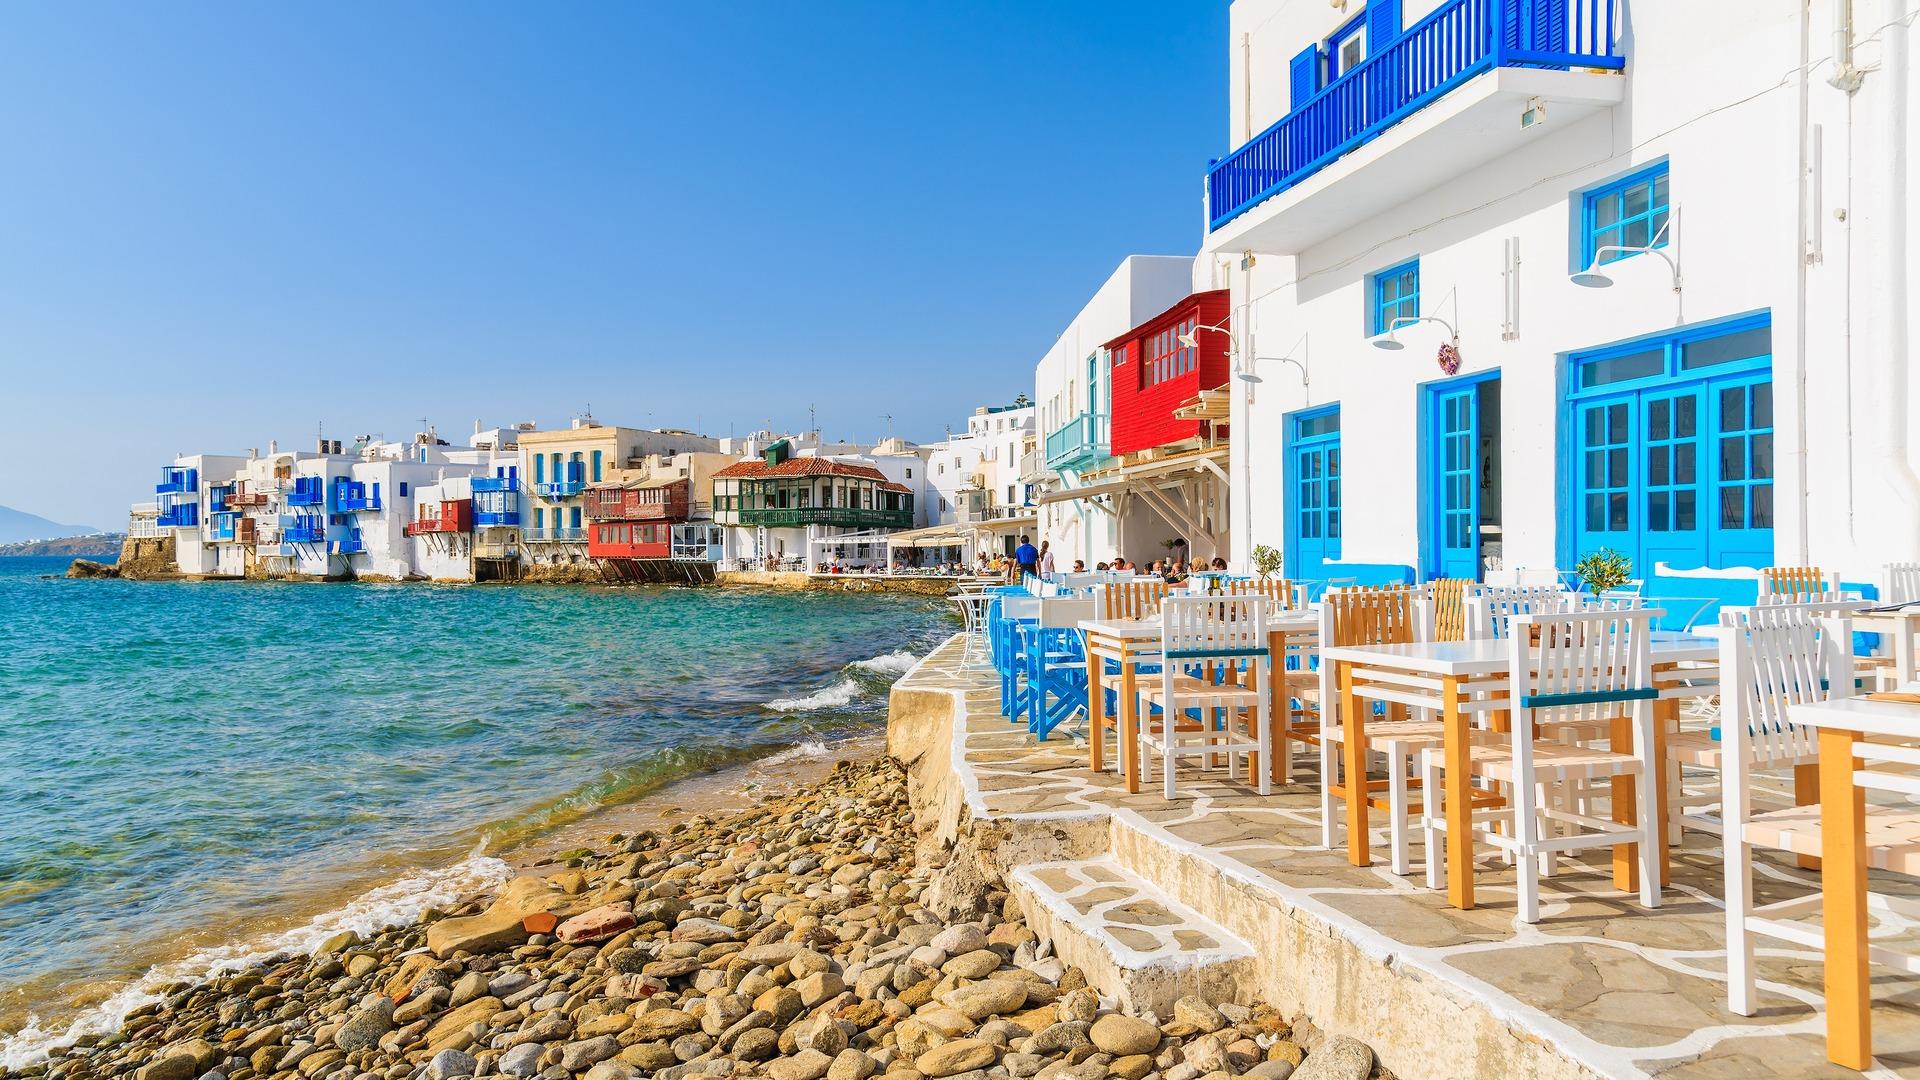 Uitzicht op strand en tavernes in Klein Venetië deel van Mykonos, Griekenland